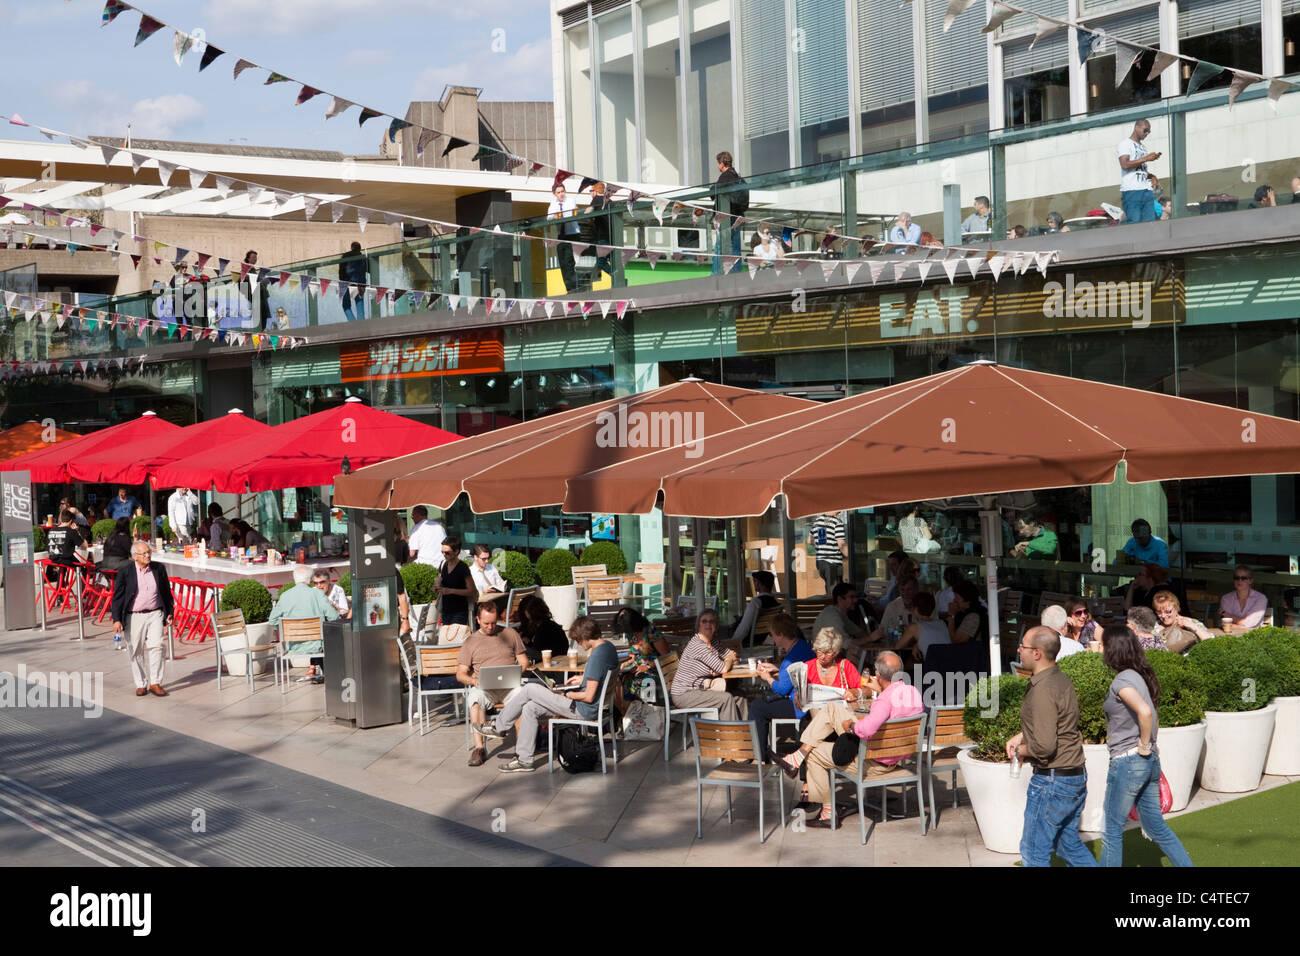 La gente disfrutando de los bares y restaurantes en el Royal Festival Hall, South Bank, Londres, Inglaterra, Reino Foto de stock